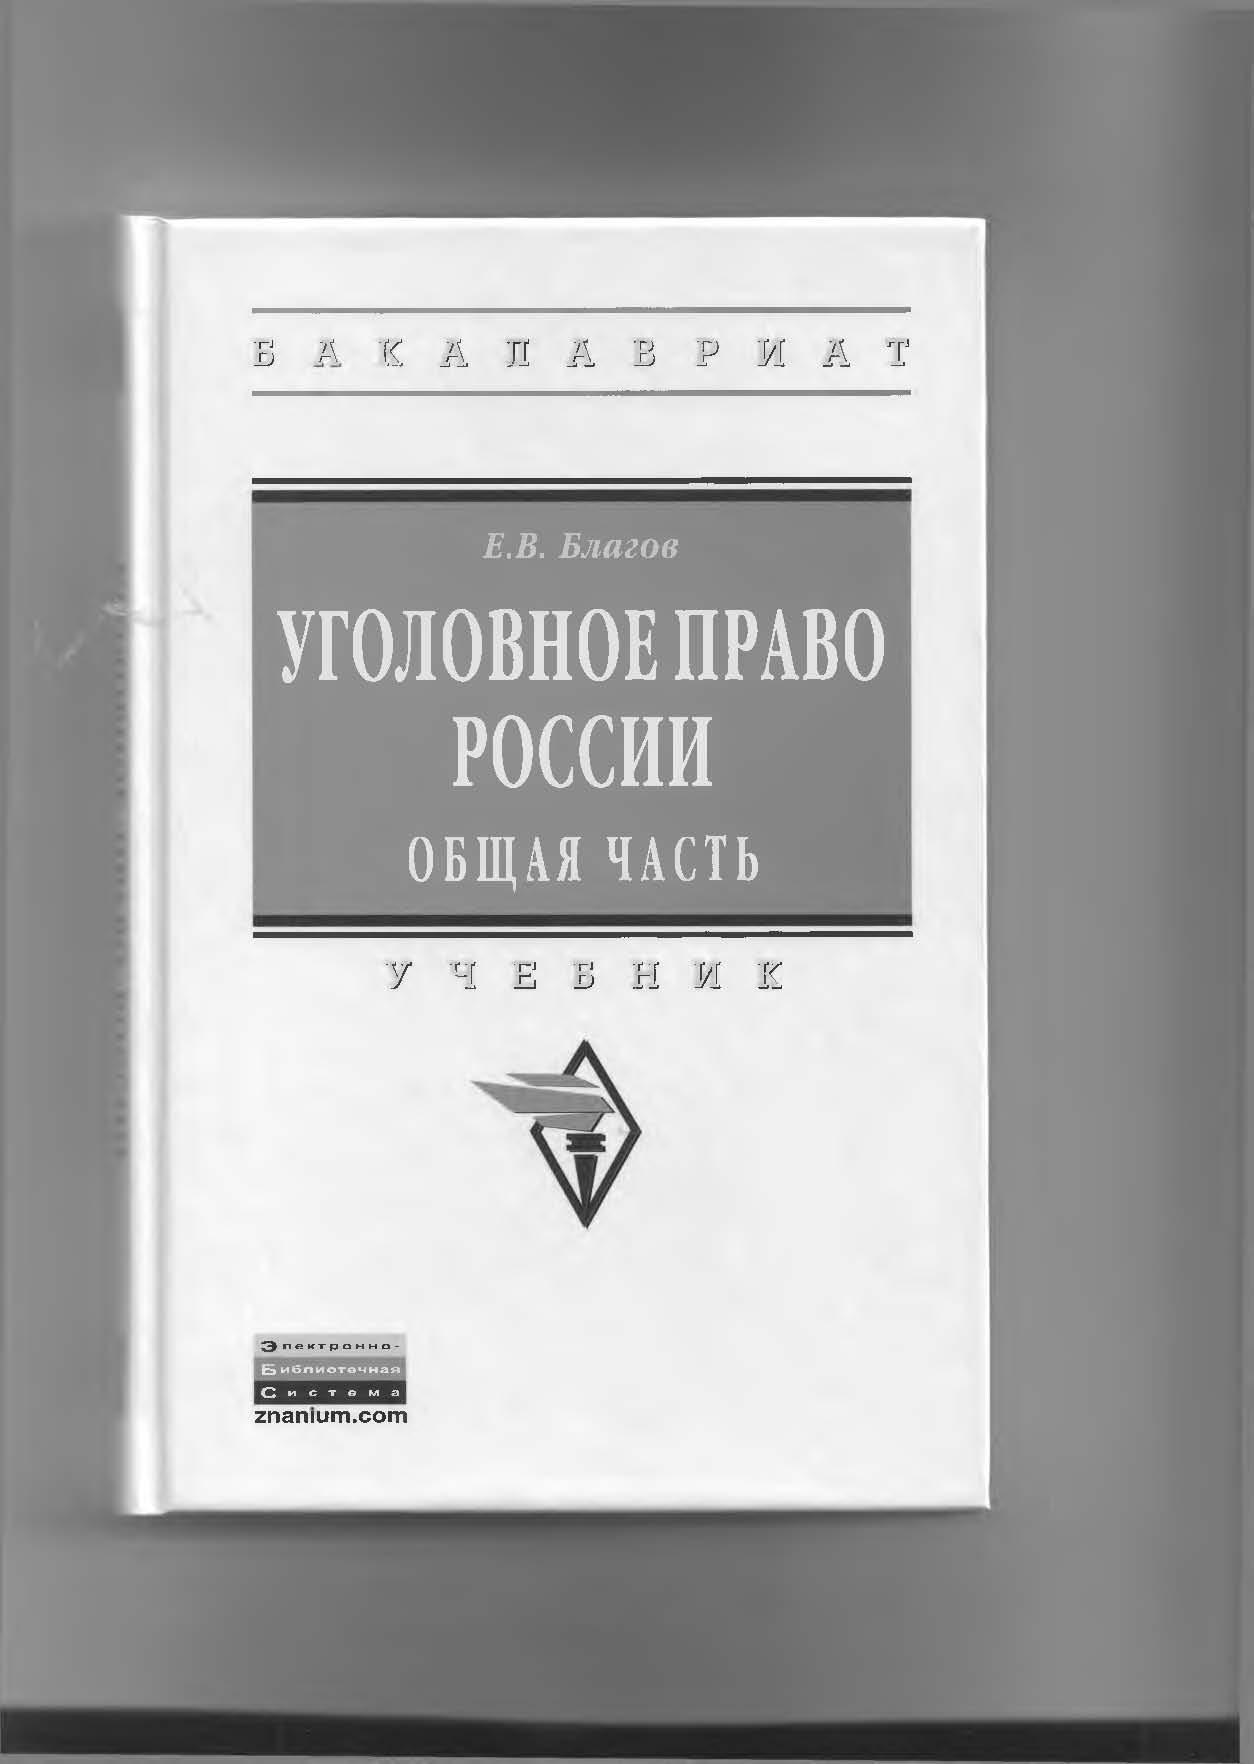 Уголовное право России. Общая часть: Учебник для бакалавров